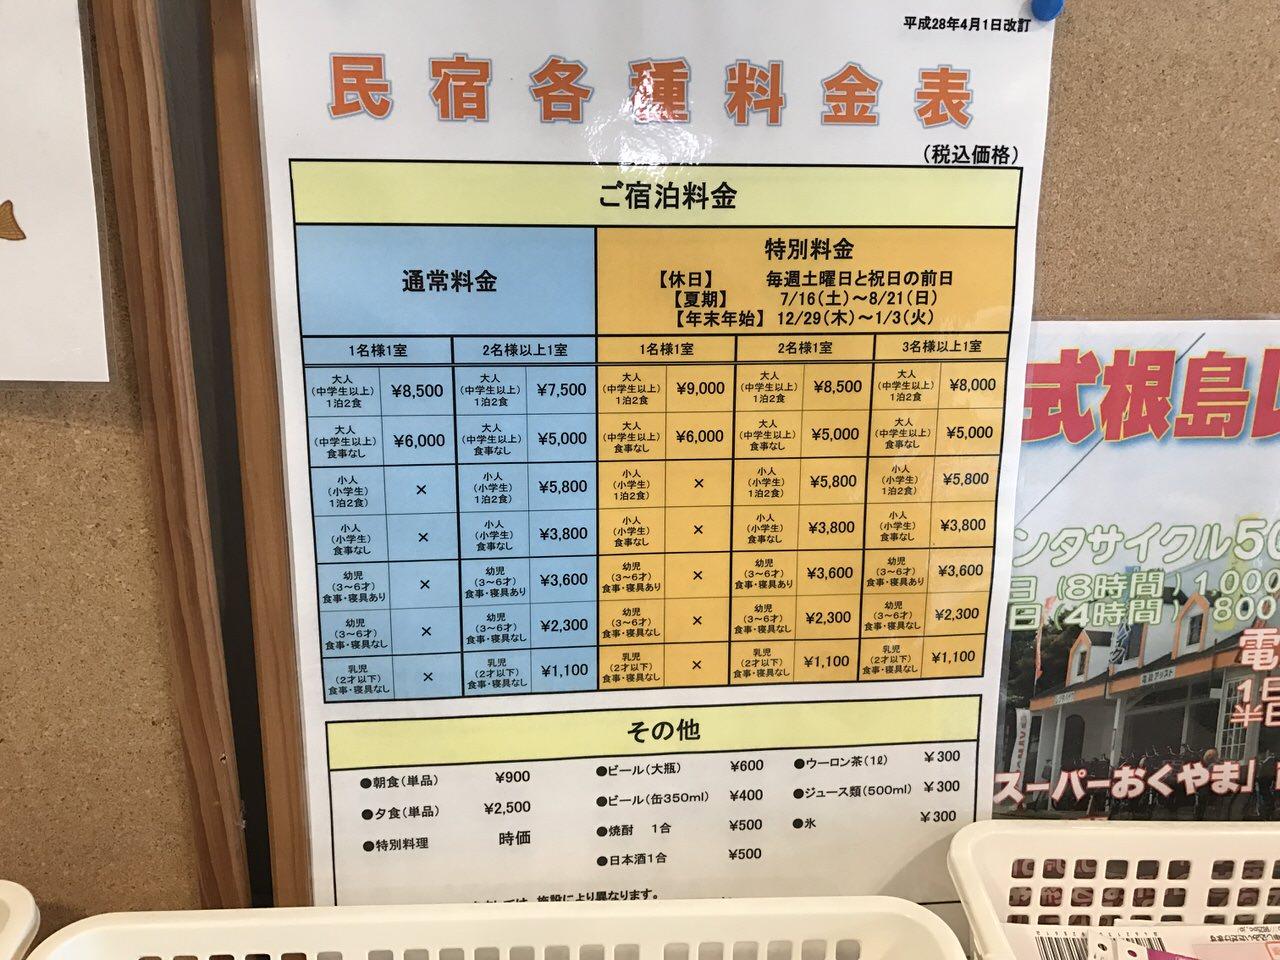 Niijima travel 2618